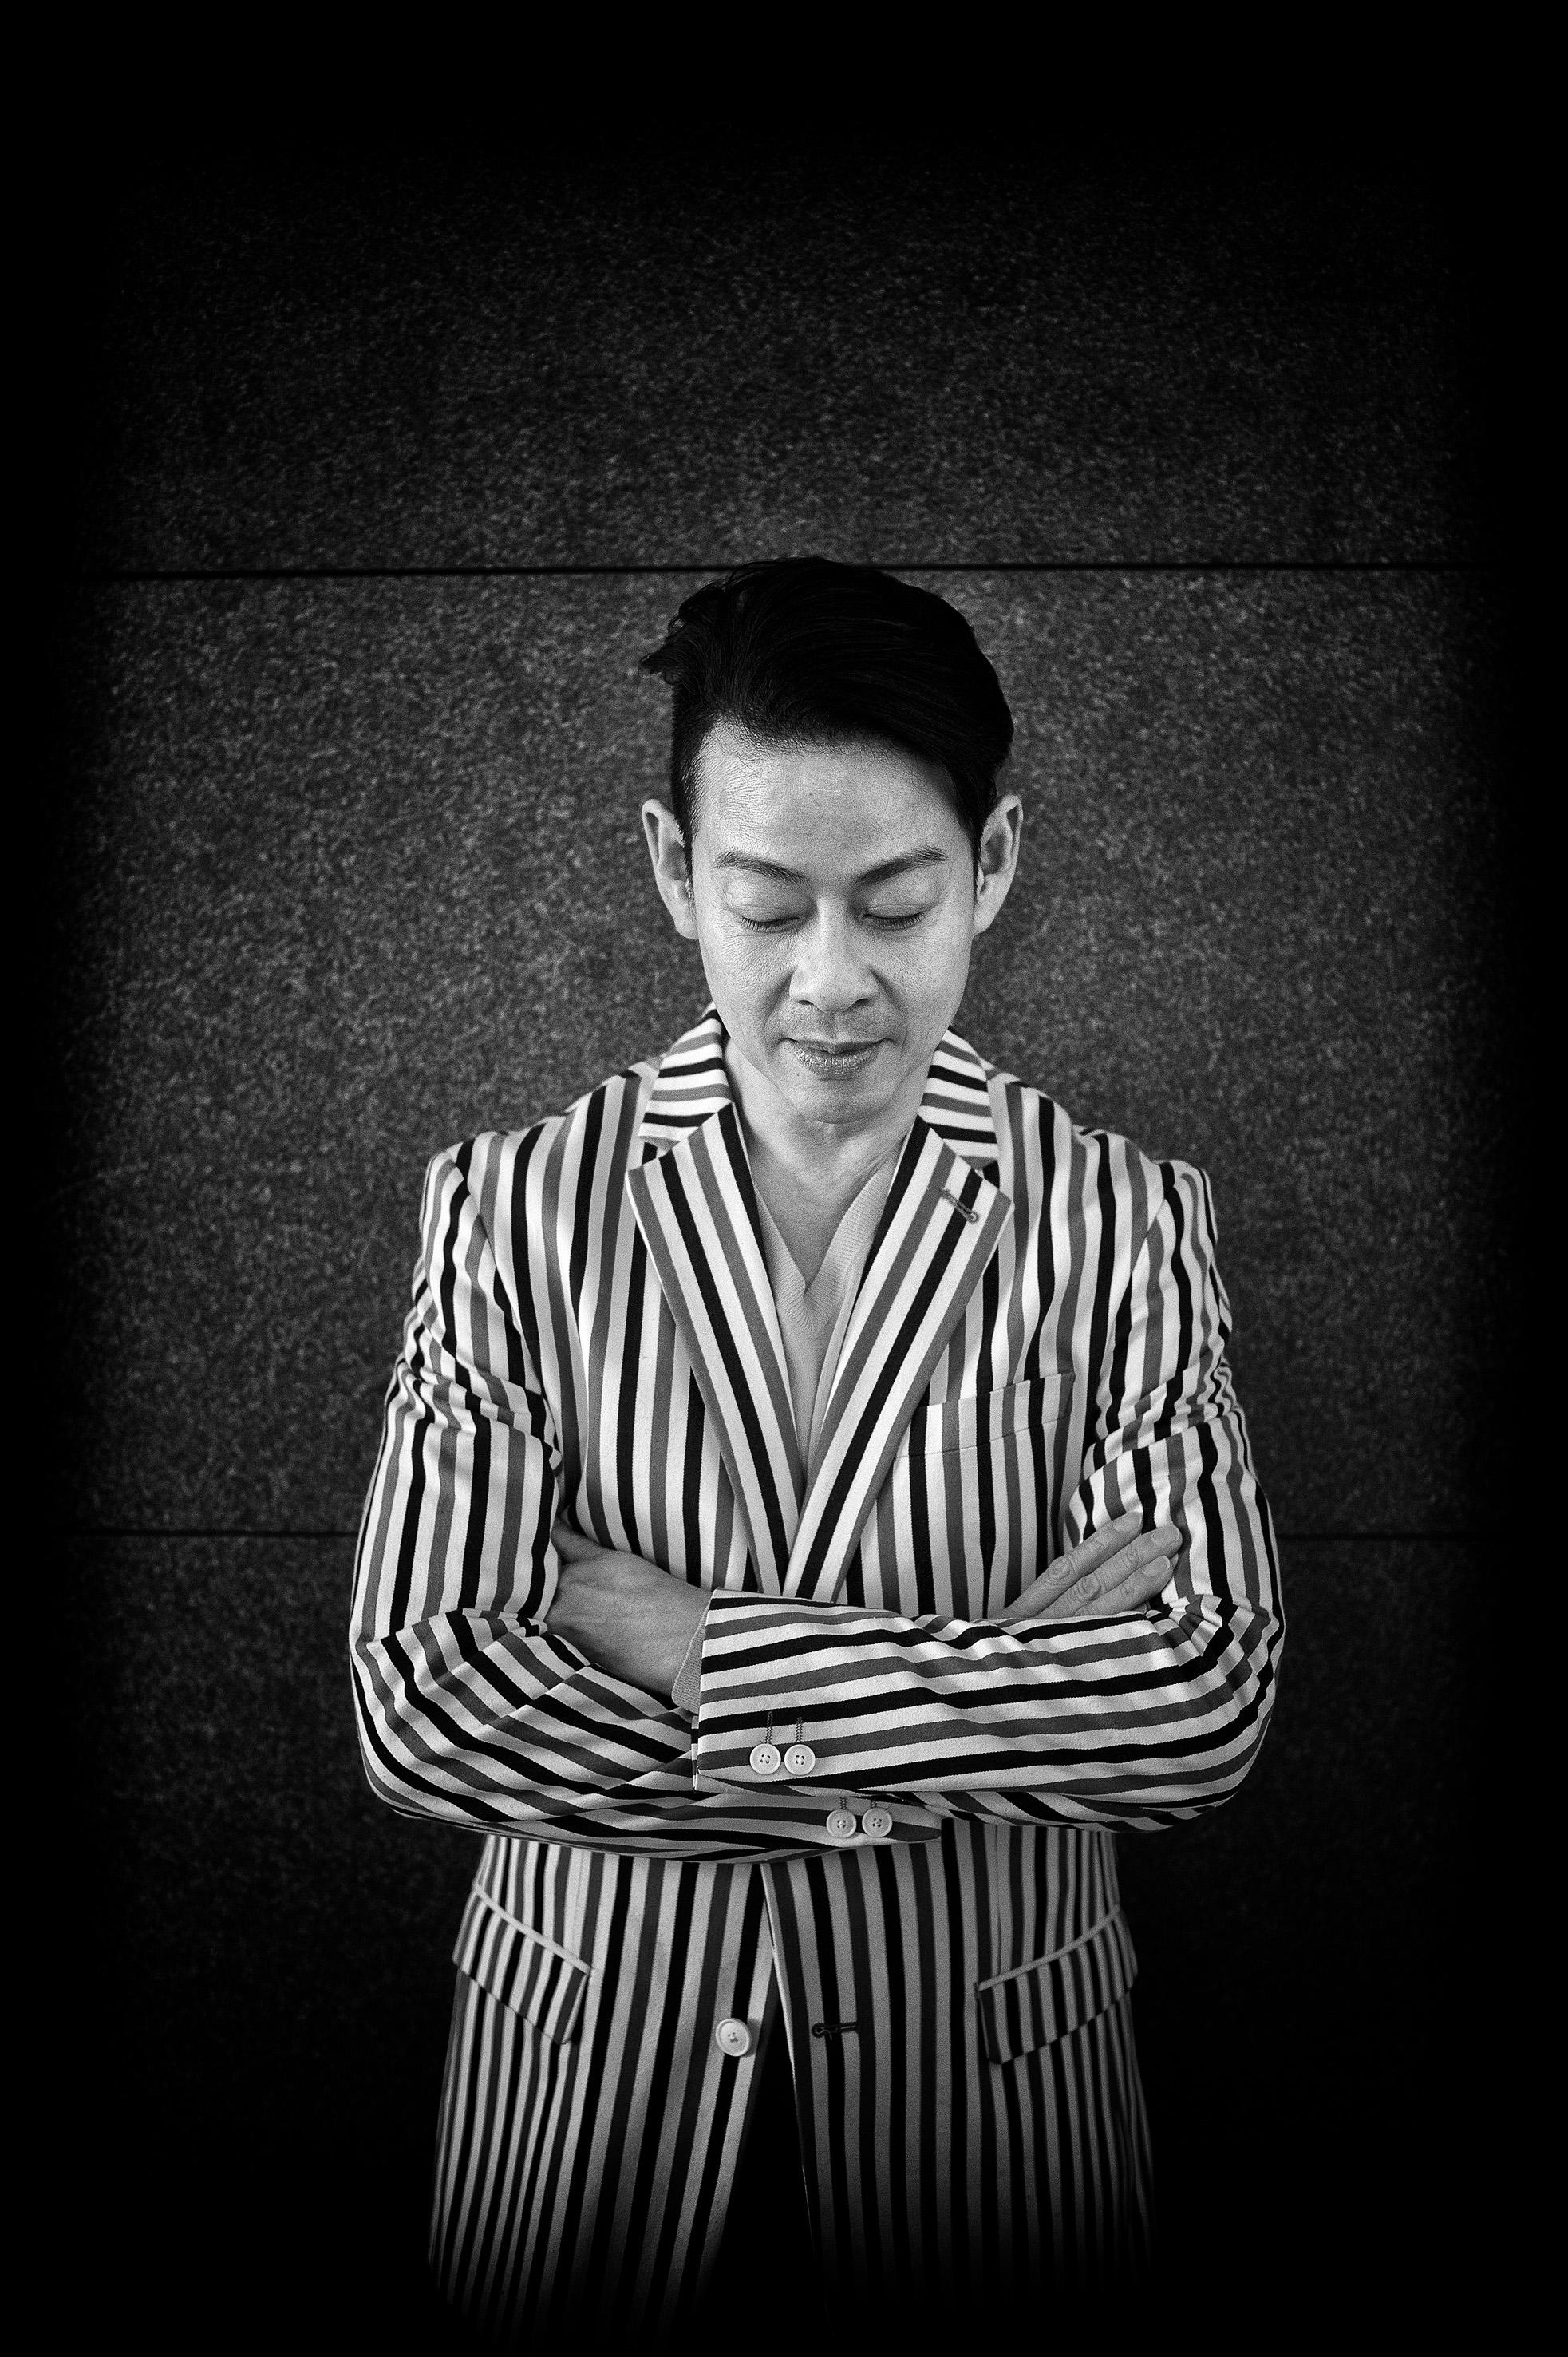 Ivan Heng: Founding Artistic Director, WildRice